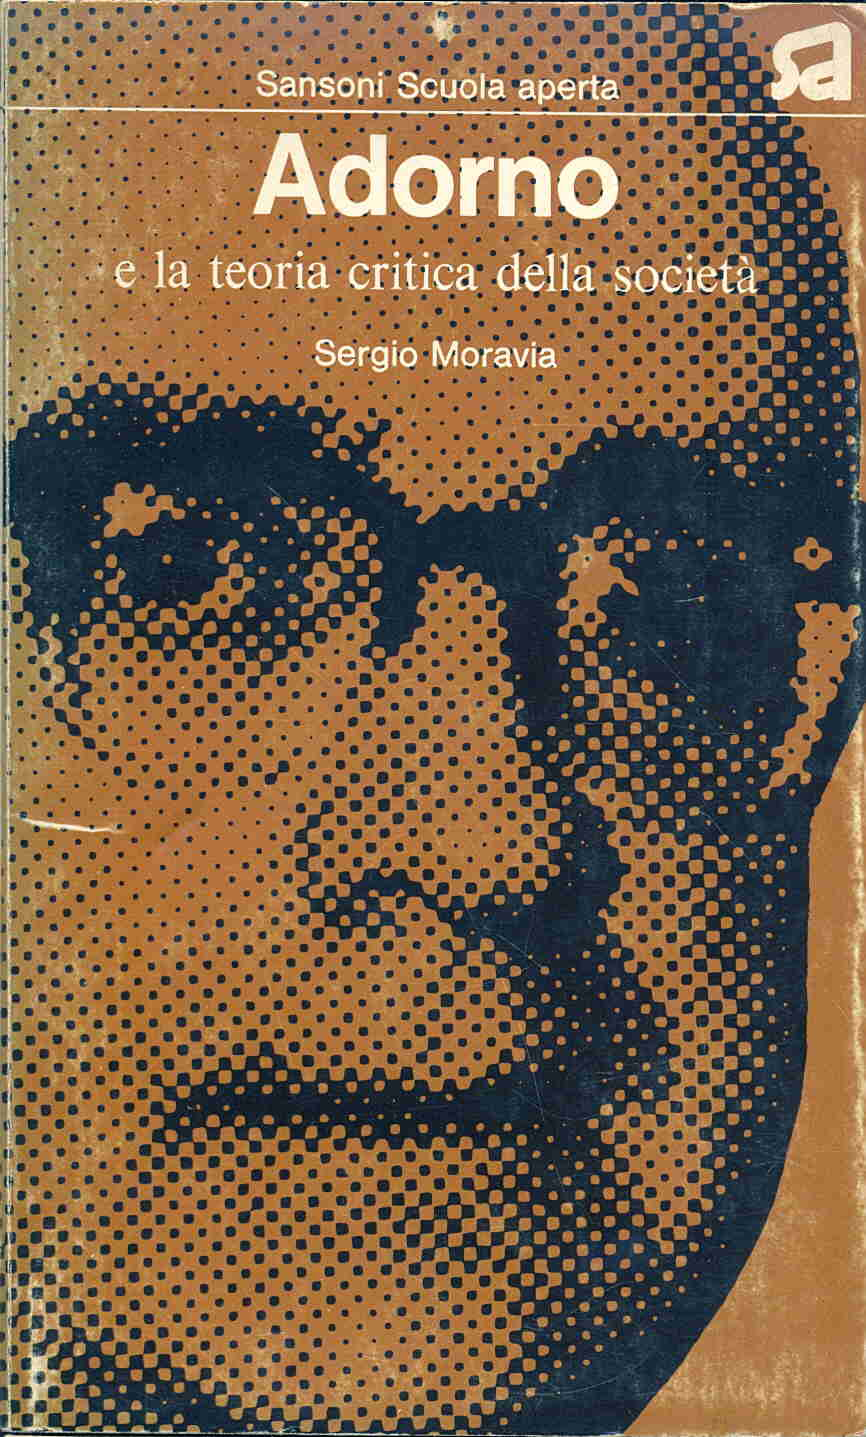 Adorno e la teoria critica della società